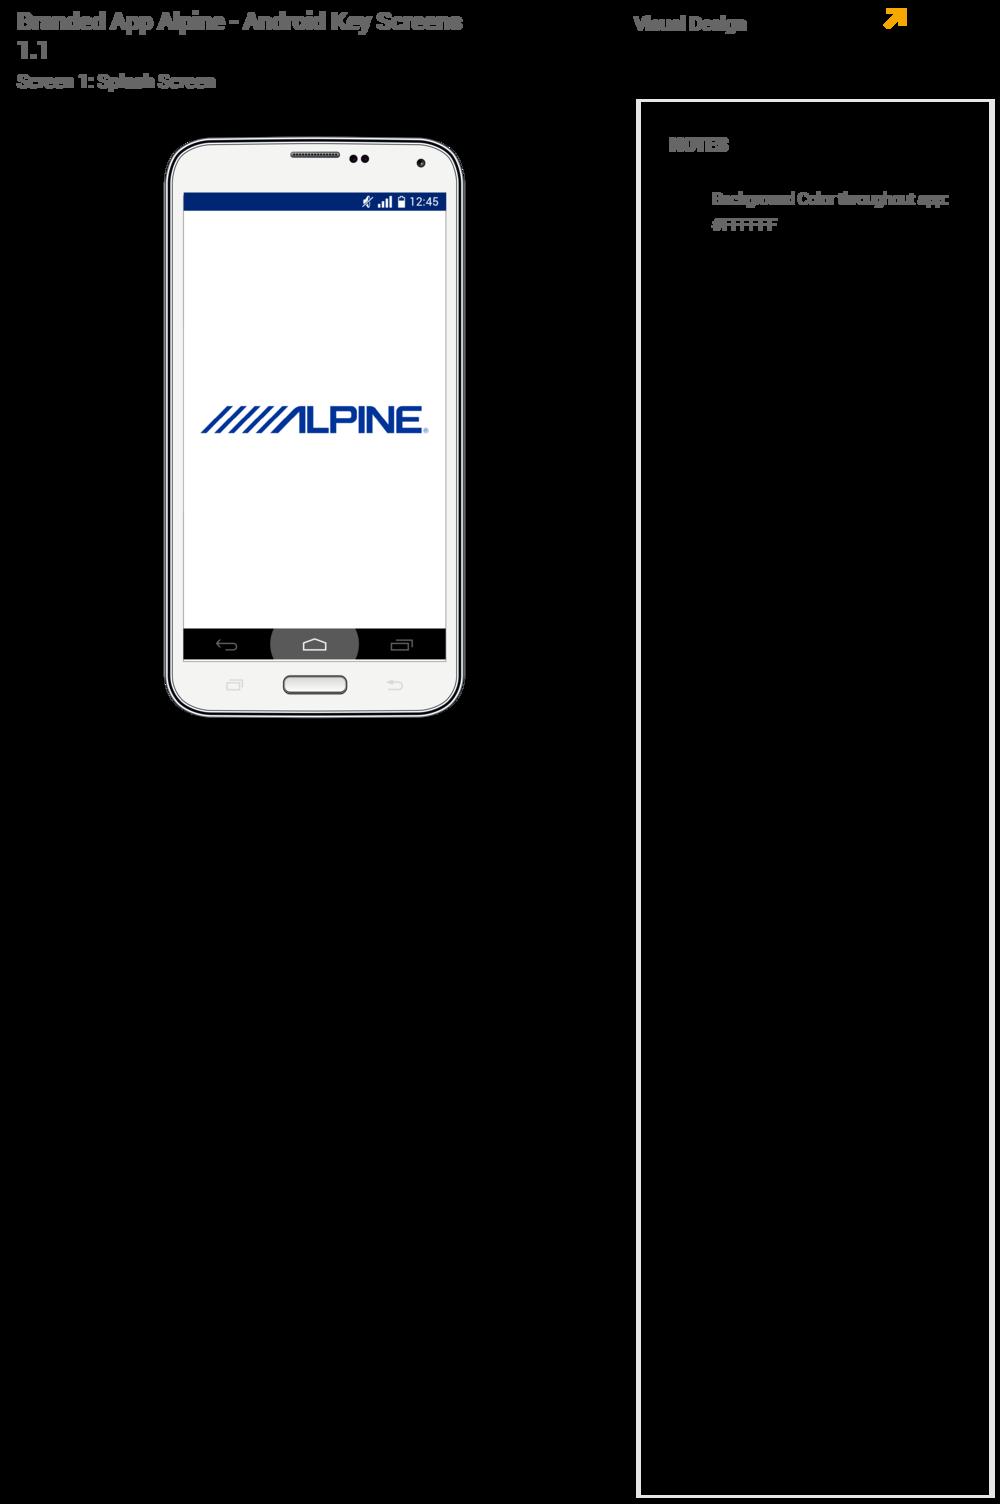 Alpine App_redacted-1.png